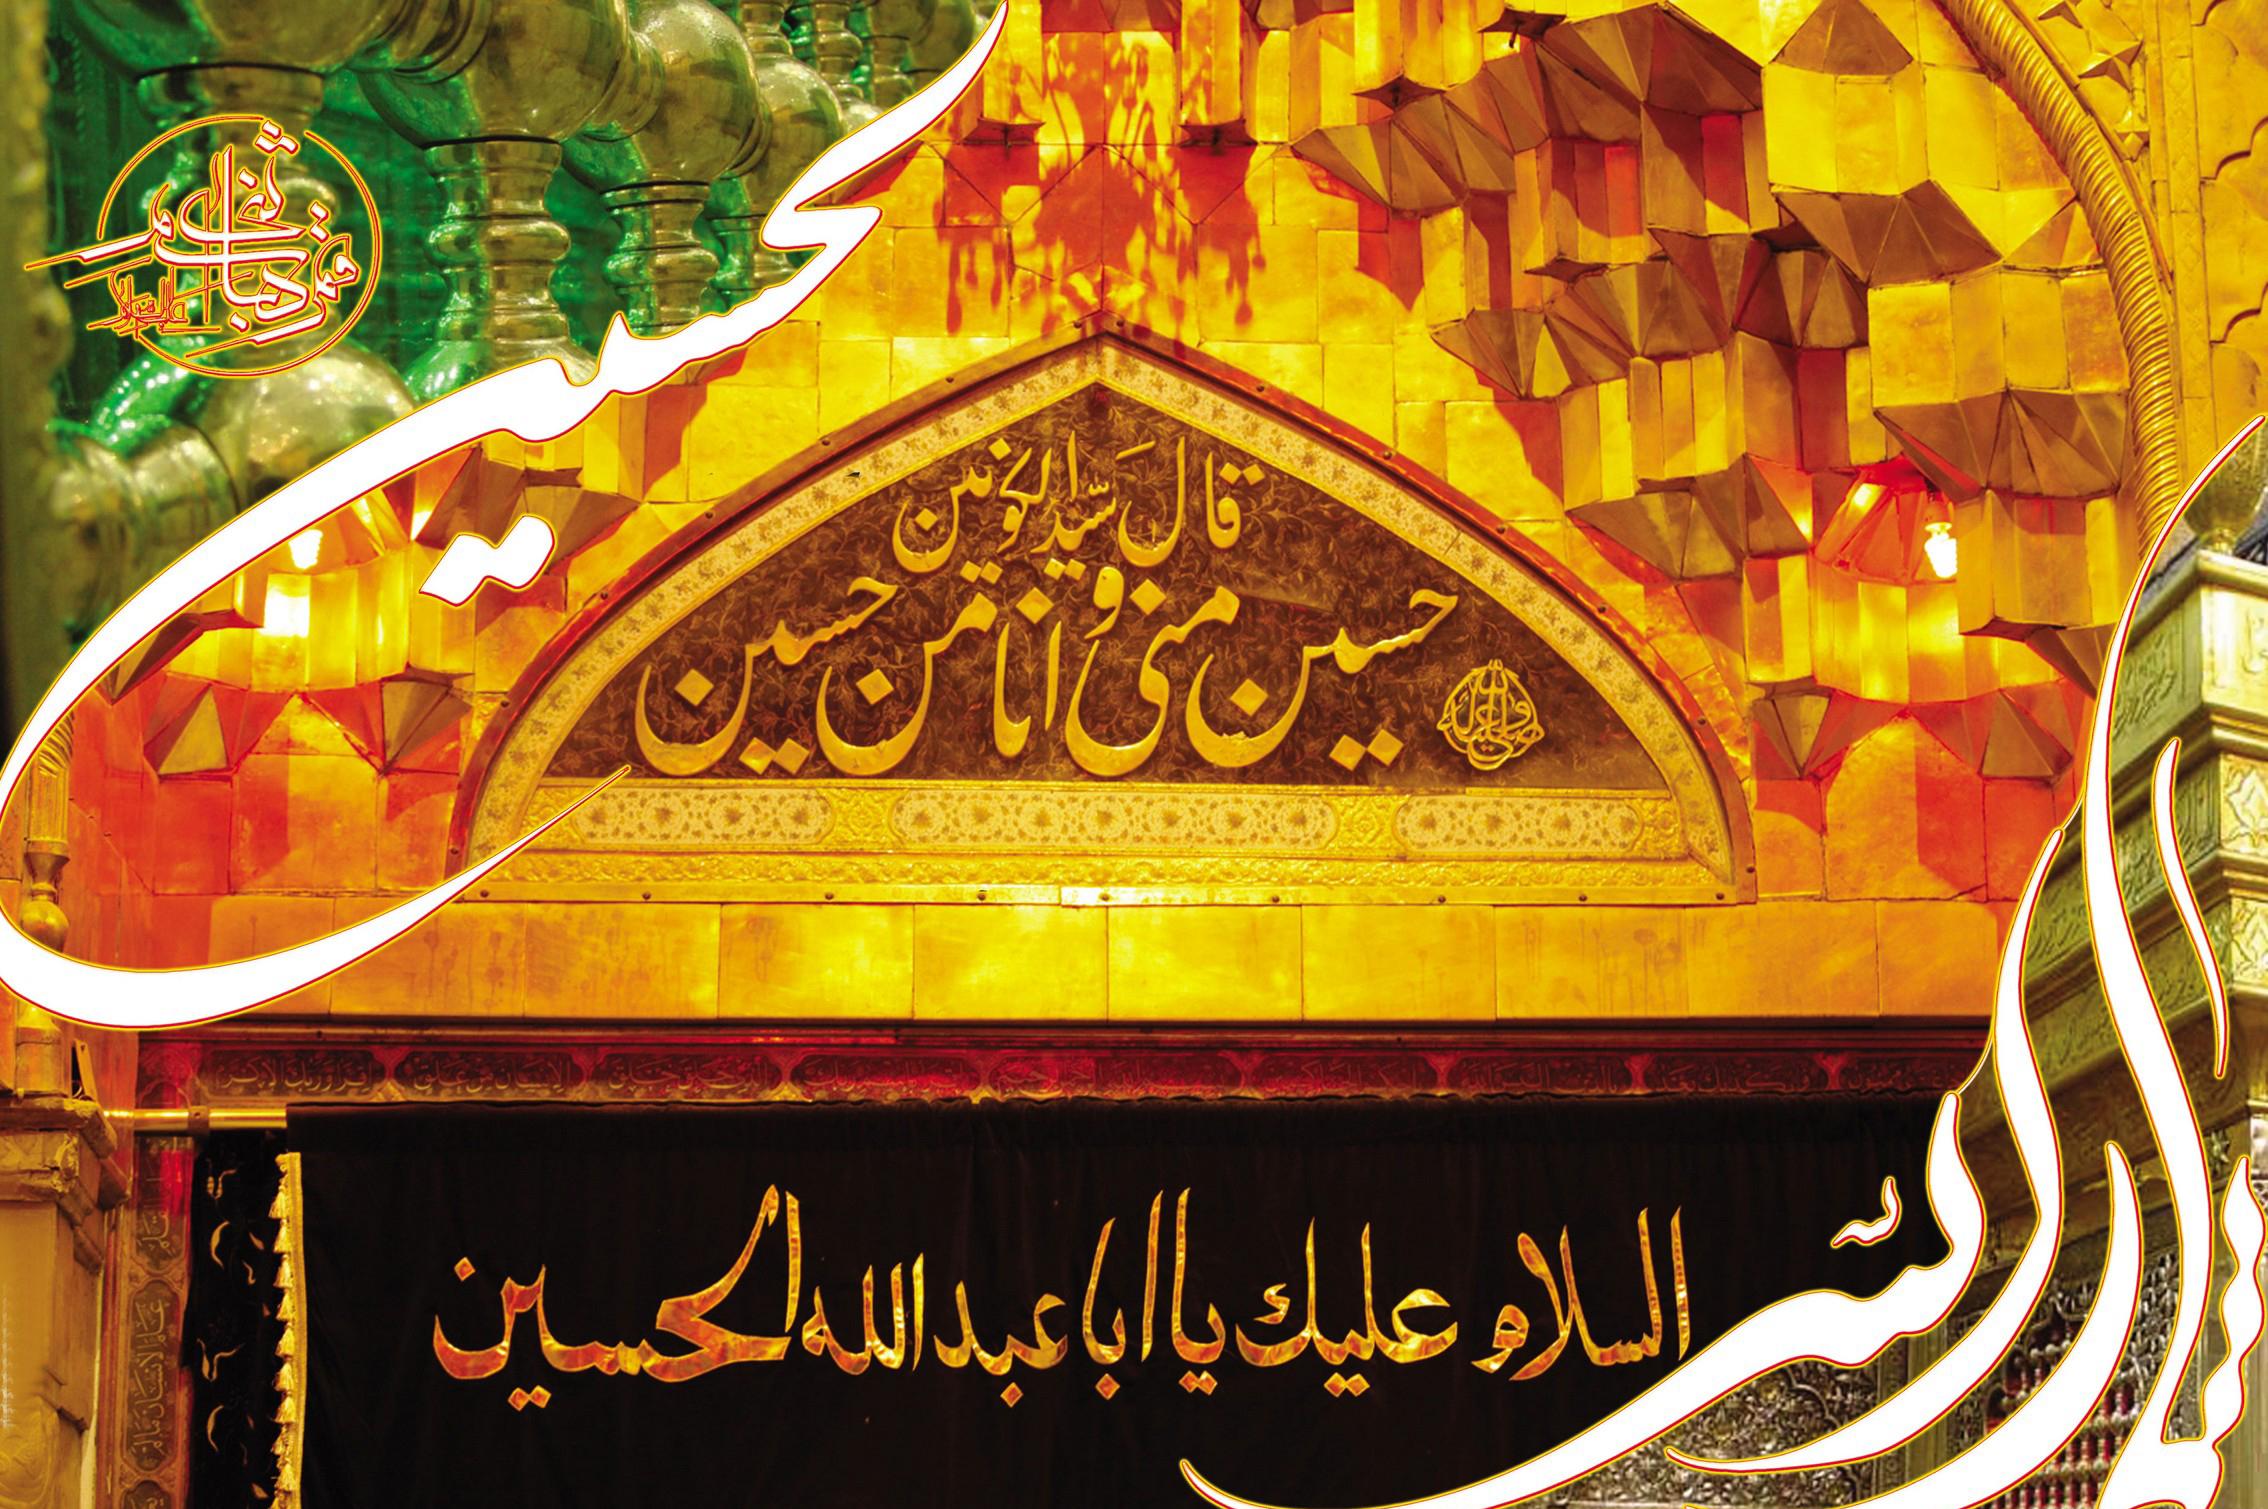 عکس مذهبی با موضوع شهادت حضرت اباعبدالله الحسین(ع)